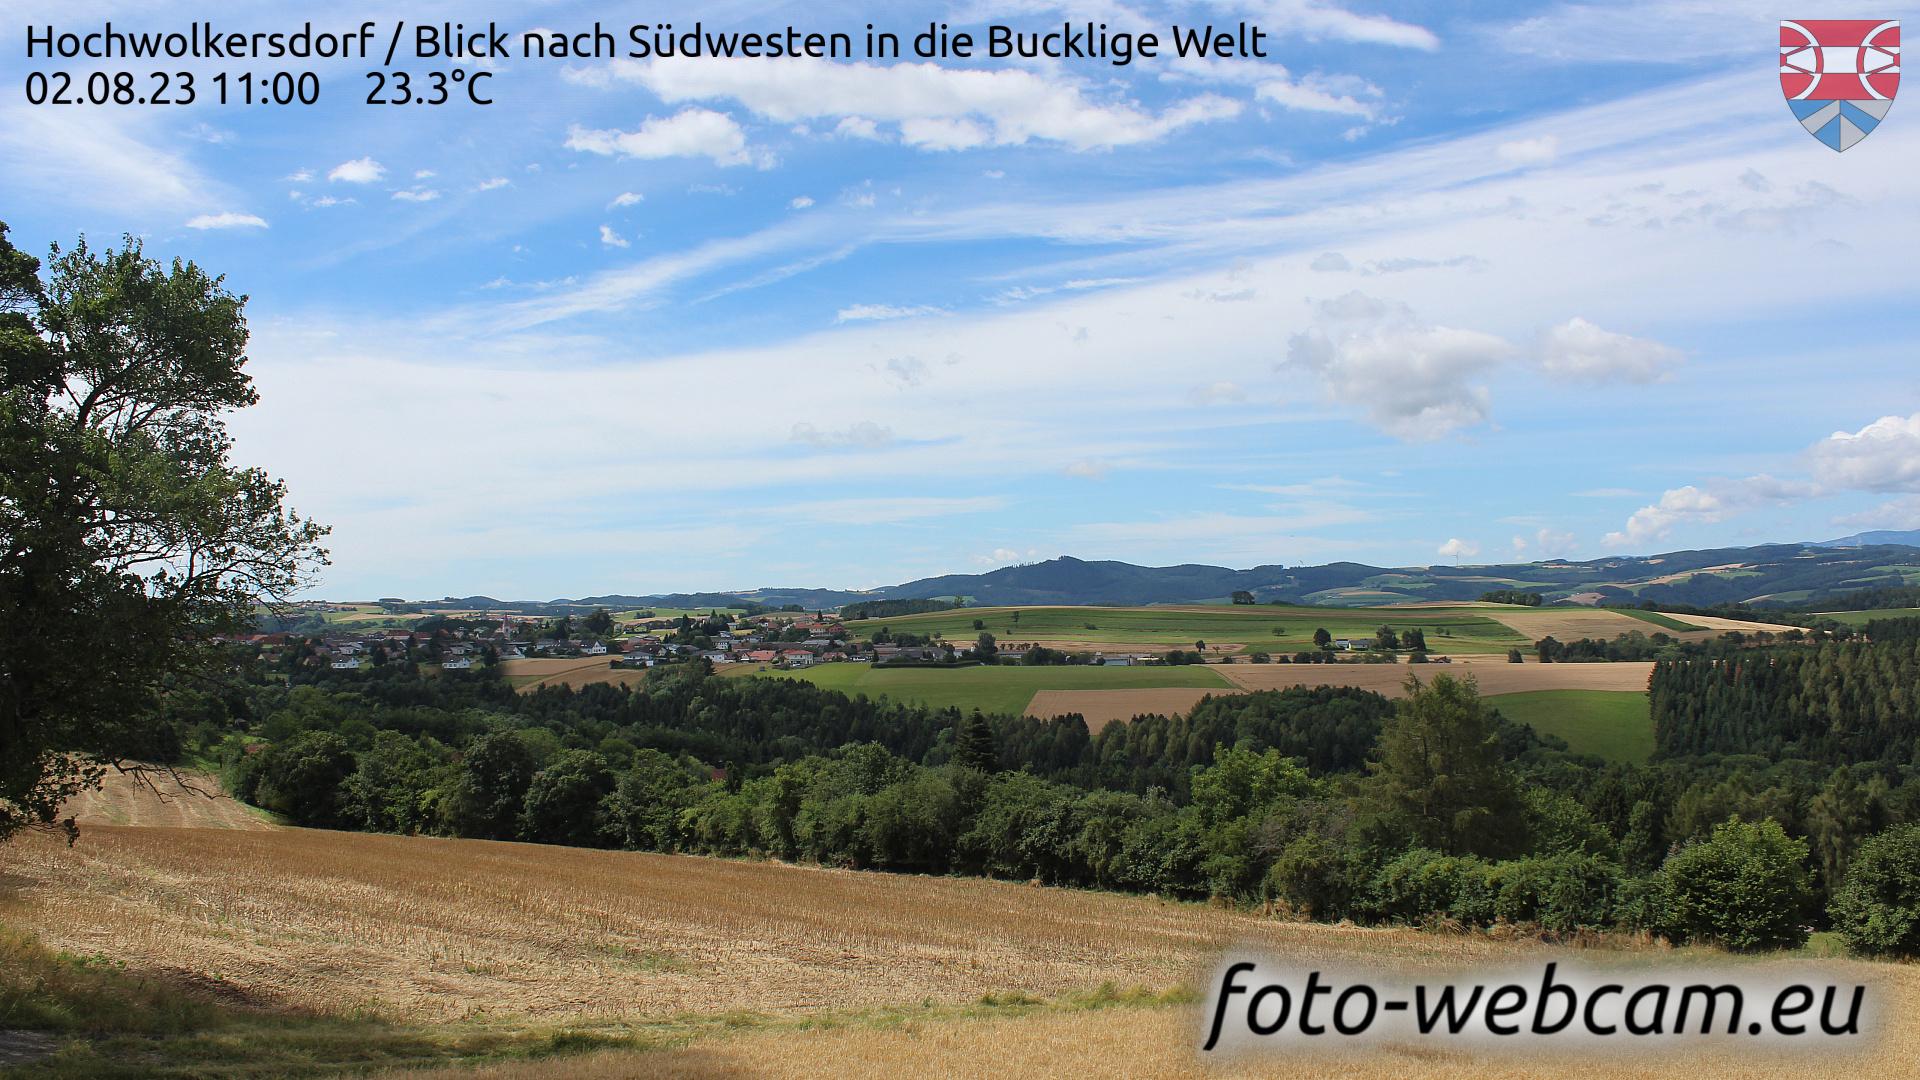 Hochwolkersdorf Wed. 11:09